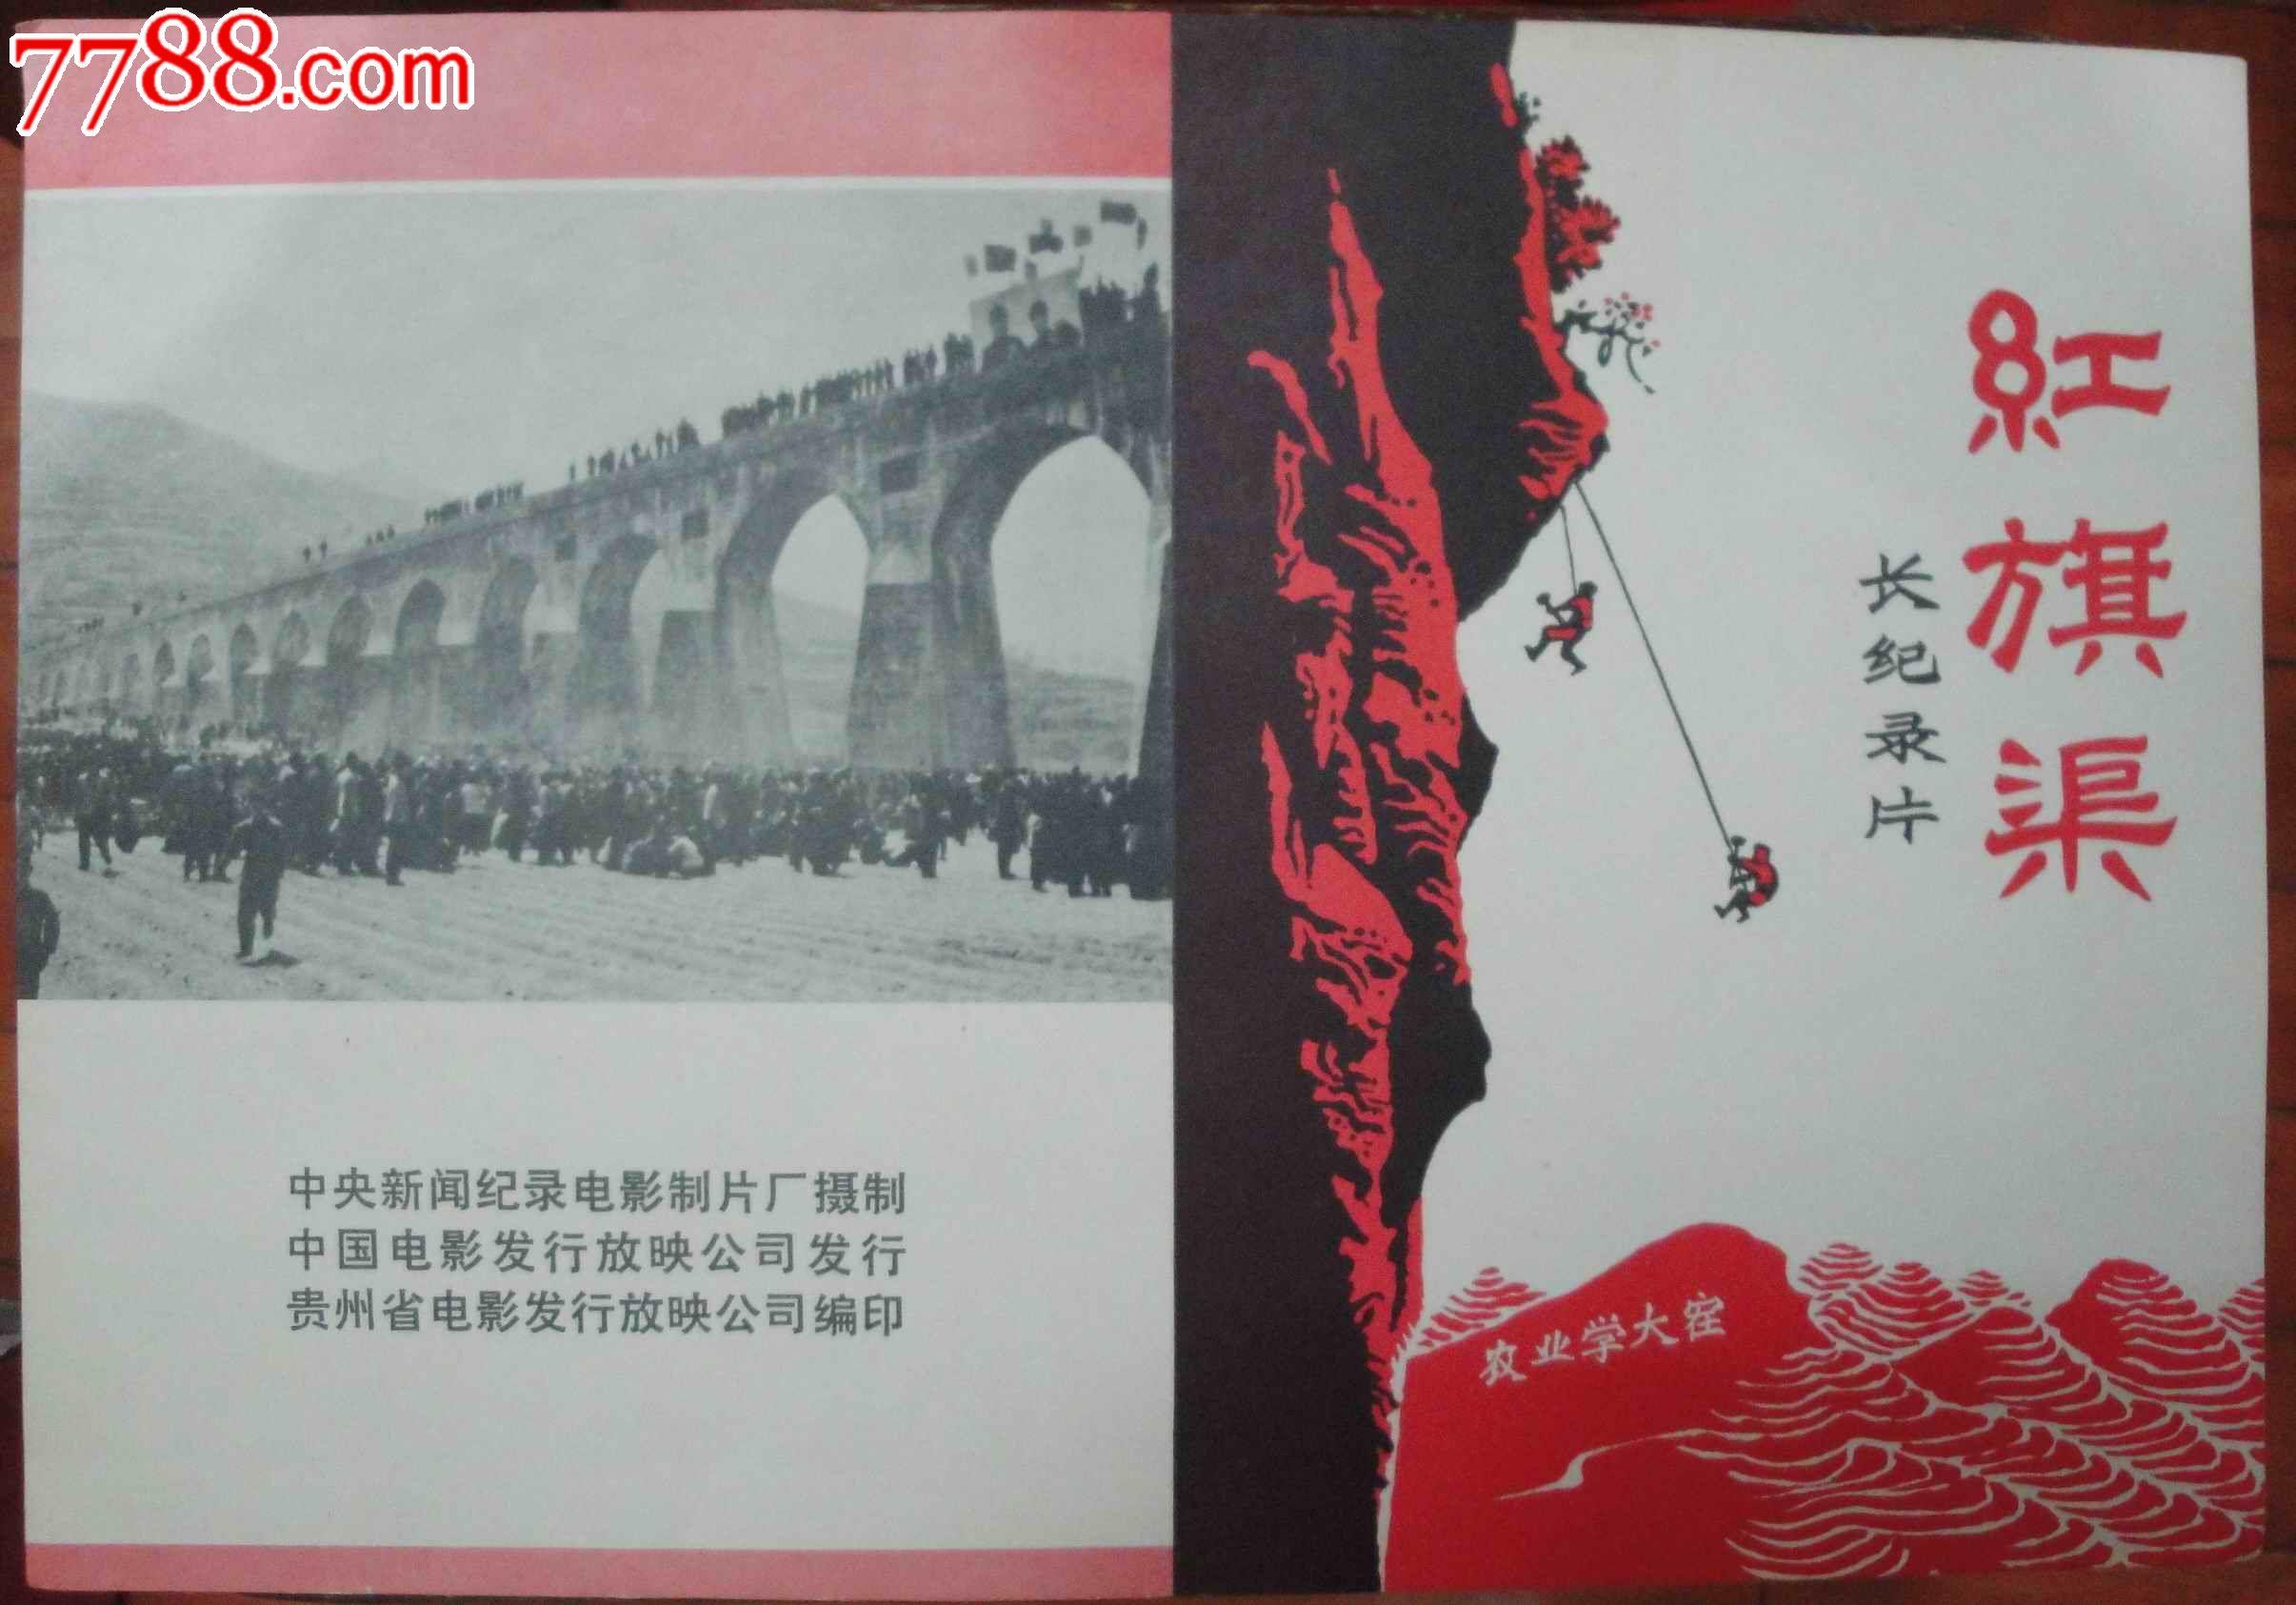 红旗渠-se18737739-电影海报-零售-7788收藏__中国